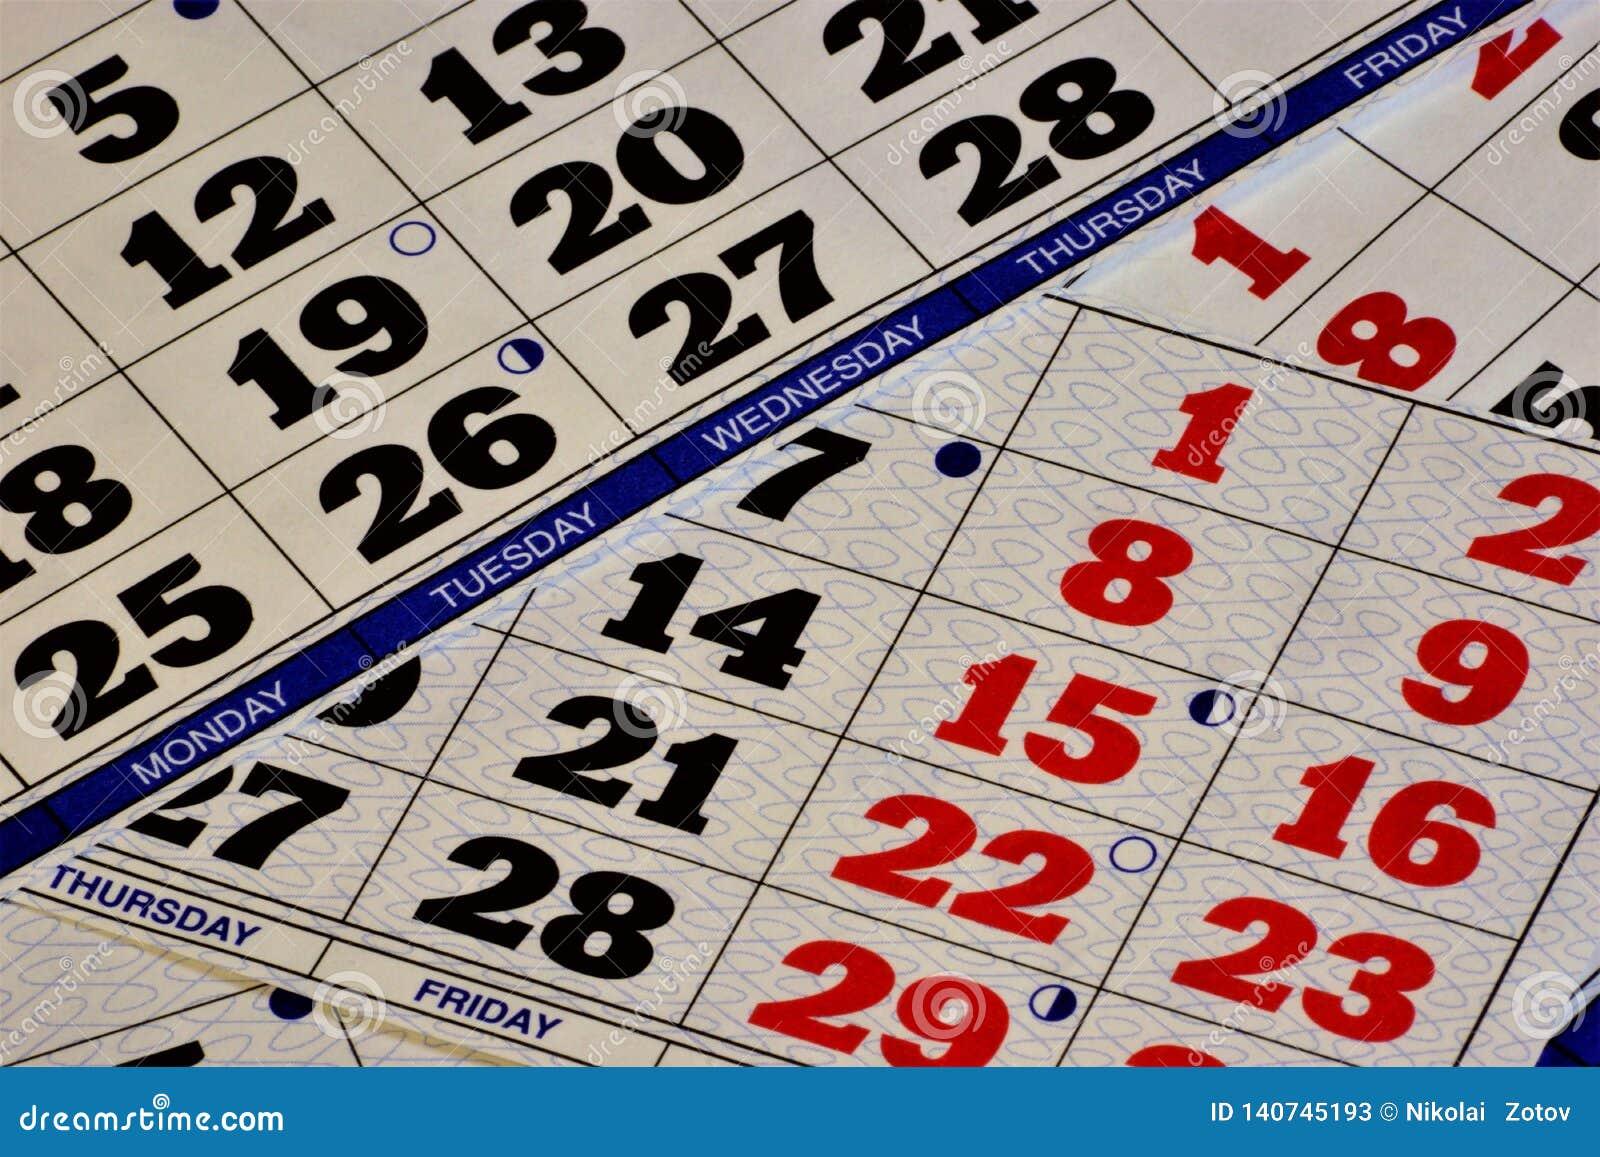 Sistema do calendário-um de contar grandes períodos de tempo, com base na frequência do movimento de corpos celestes O calendário